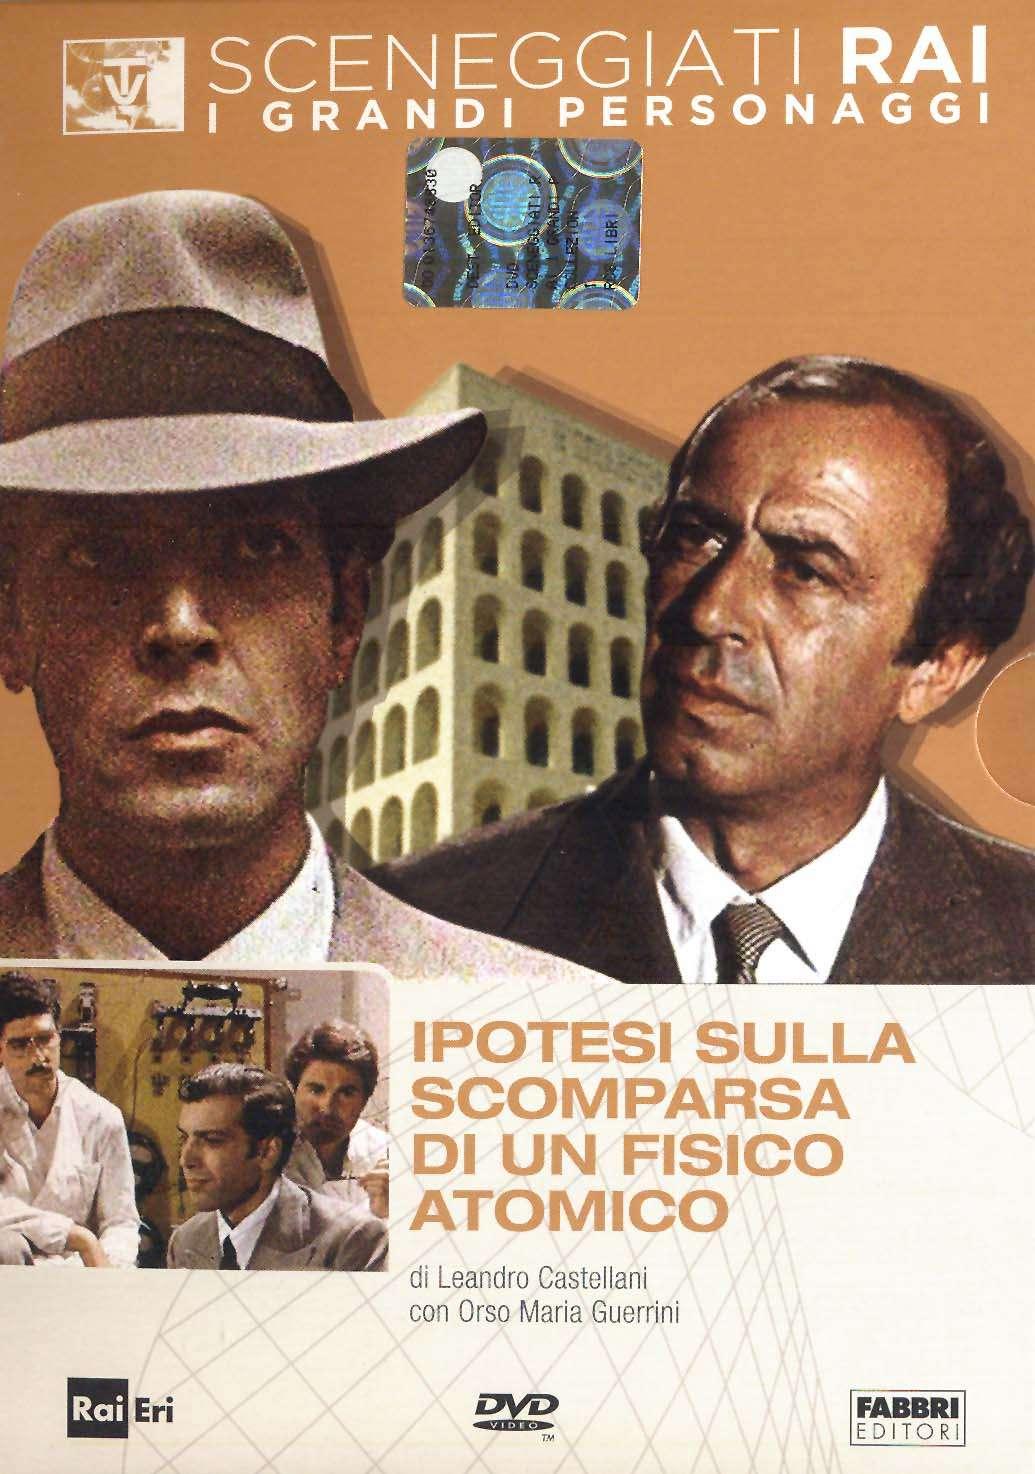 Sceneggiati RAI - Ipotesi sulla scomparsa di un fisico atomico (1972) DVD5 Copia 1:1 ITA